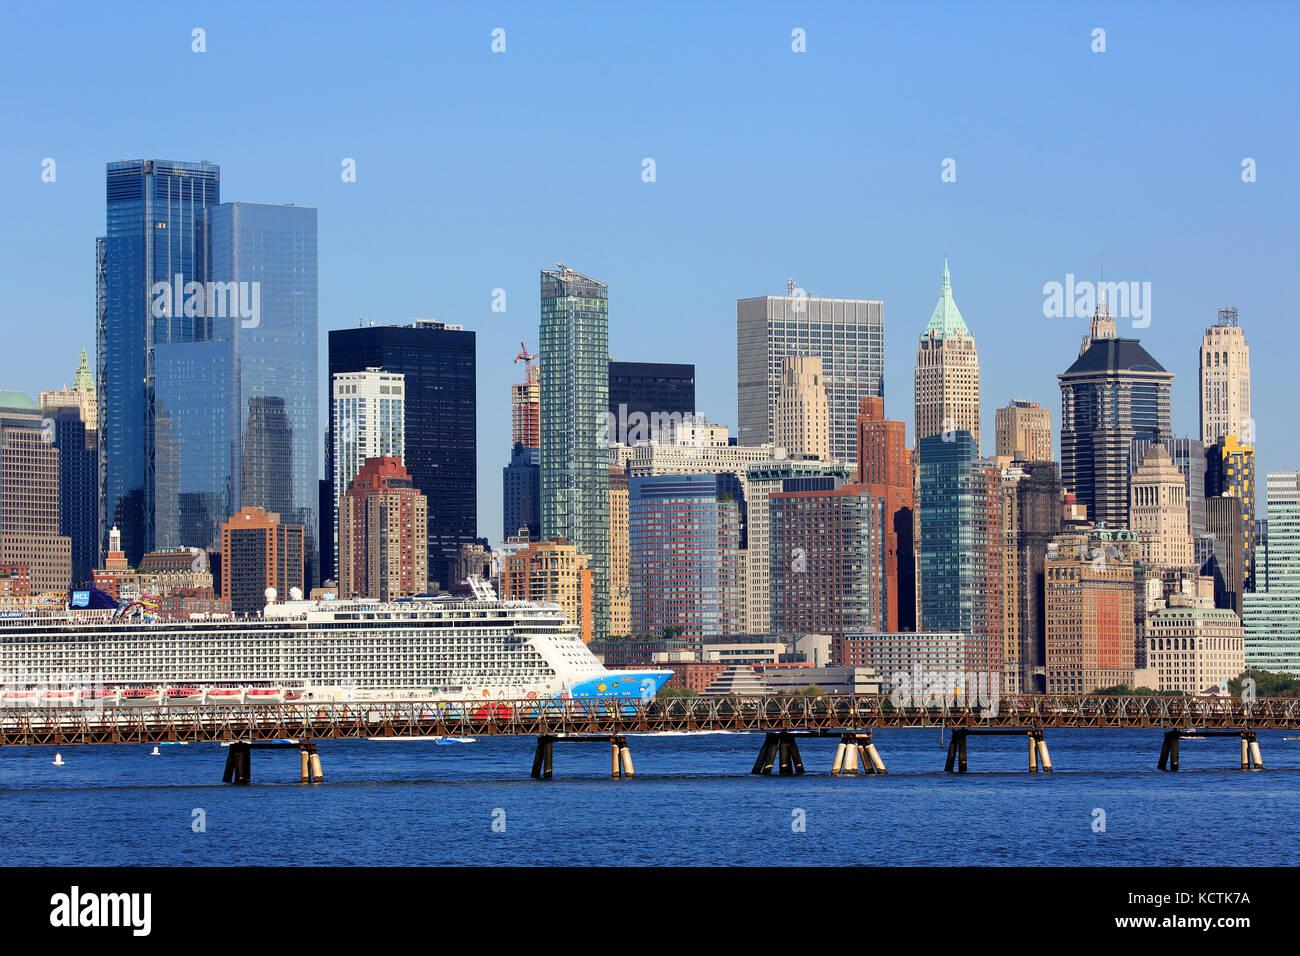 Norwegian breakaway crucero en el río Hudson con el horizonte de Manhattan, el distrito financiero de fondo.La Imagen De Stock